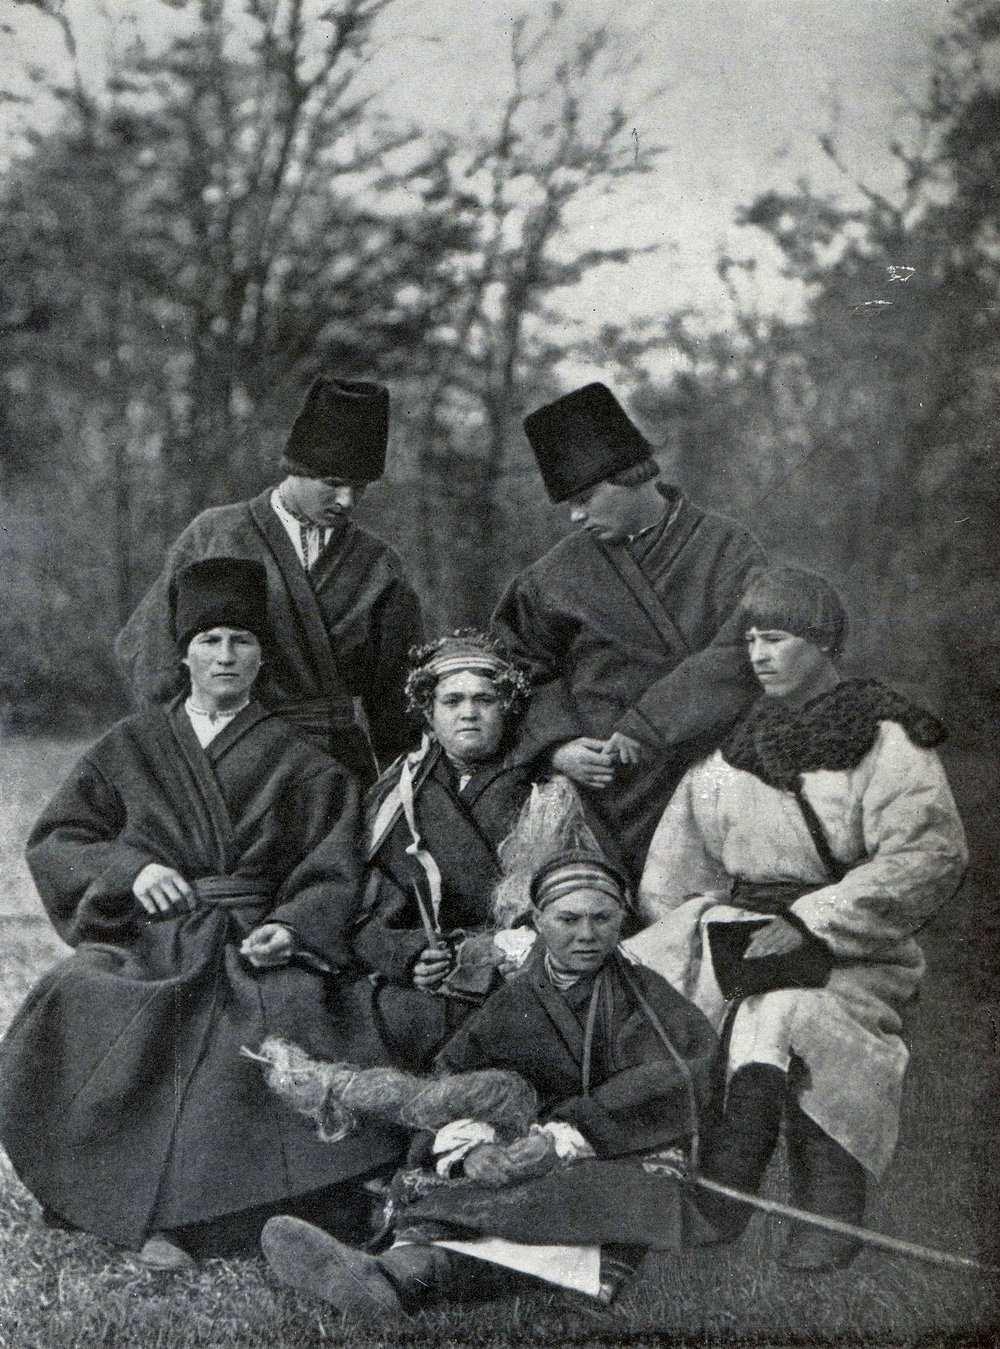 Весільна група в зимовому одязі